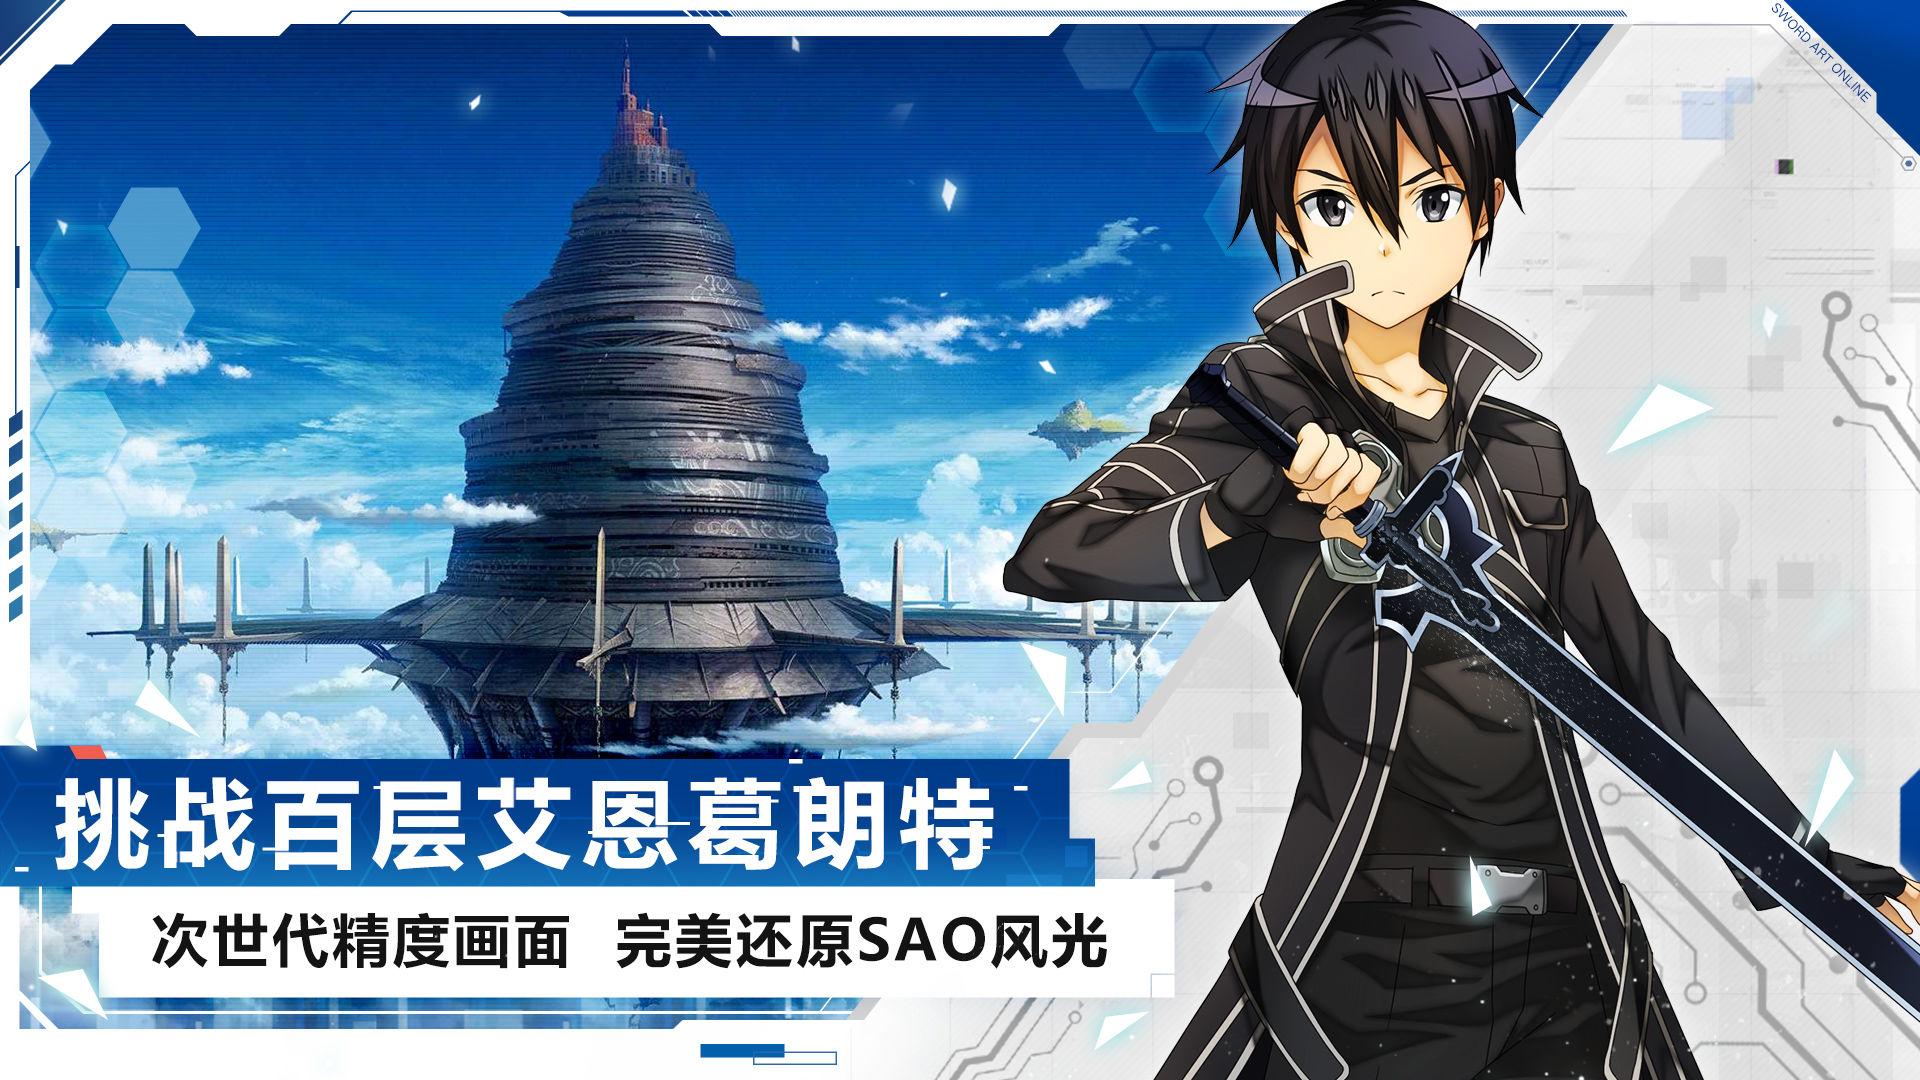 刀剑神域黑衣剑士王牌截图